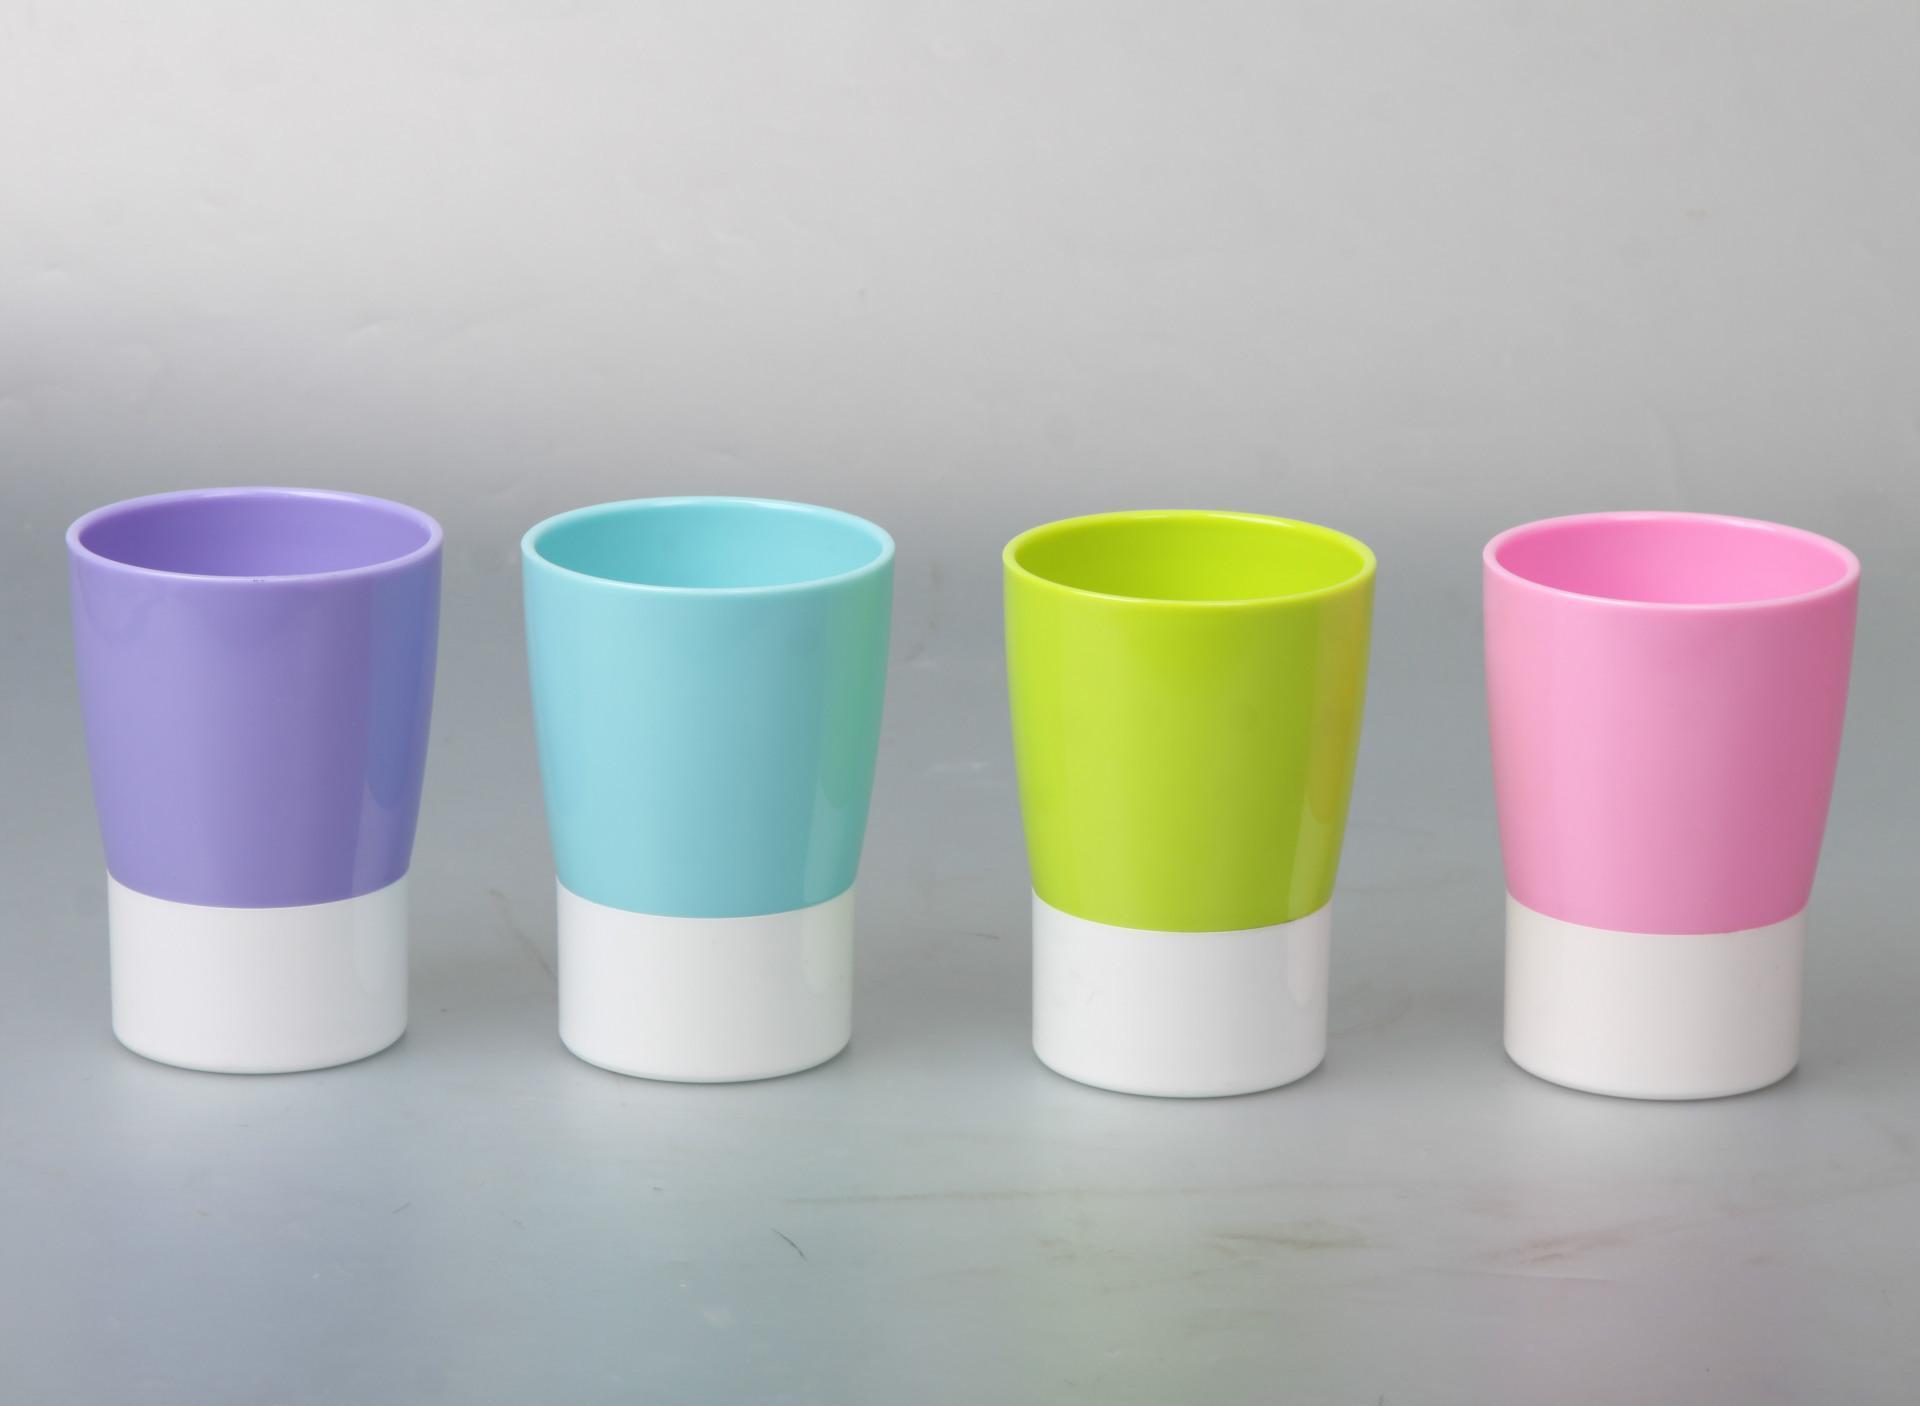 上海市质监局抽查一次性塑料杯2批次不合格